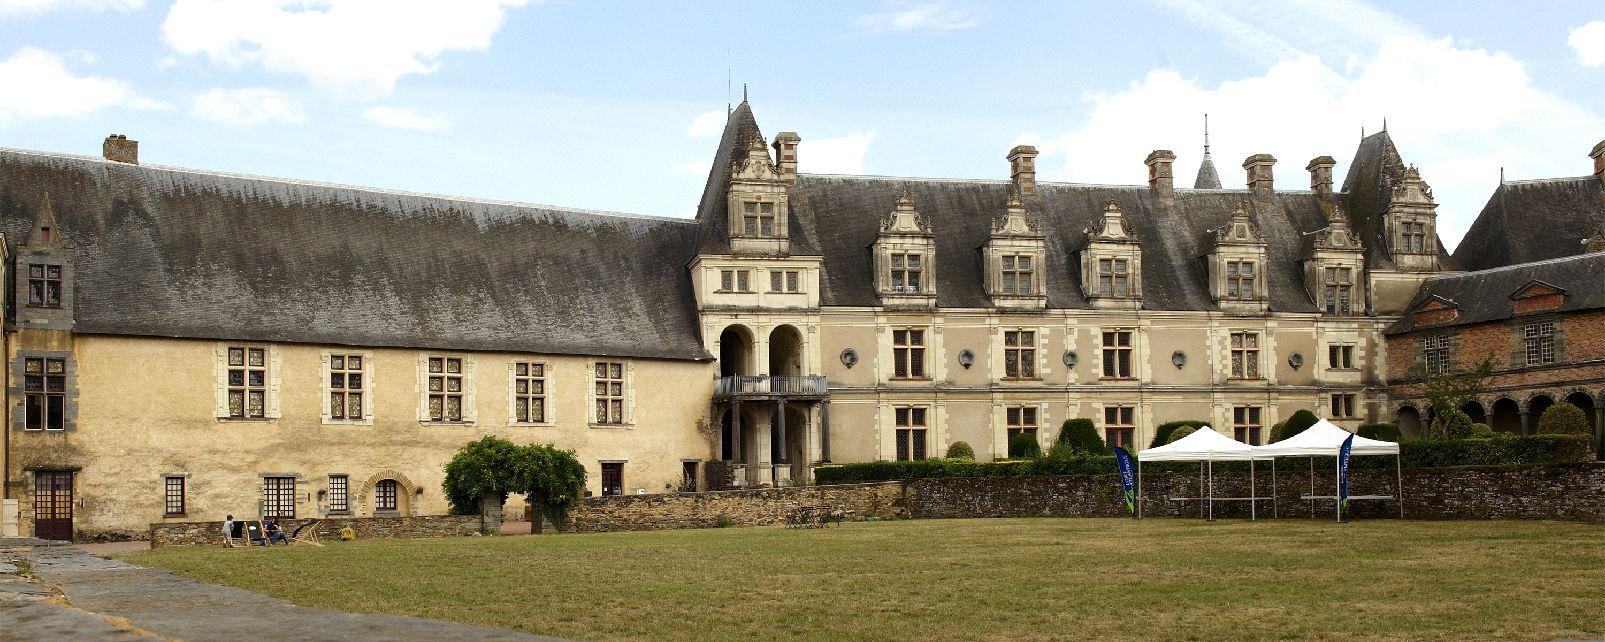 Site de rencontre region chateaubriant